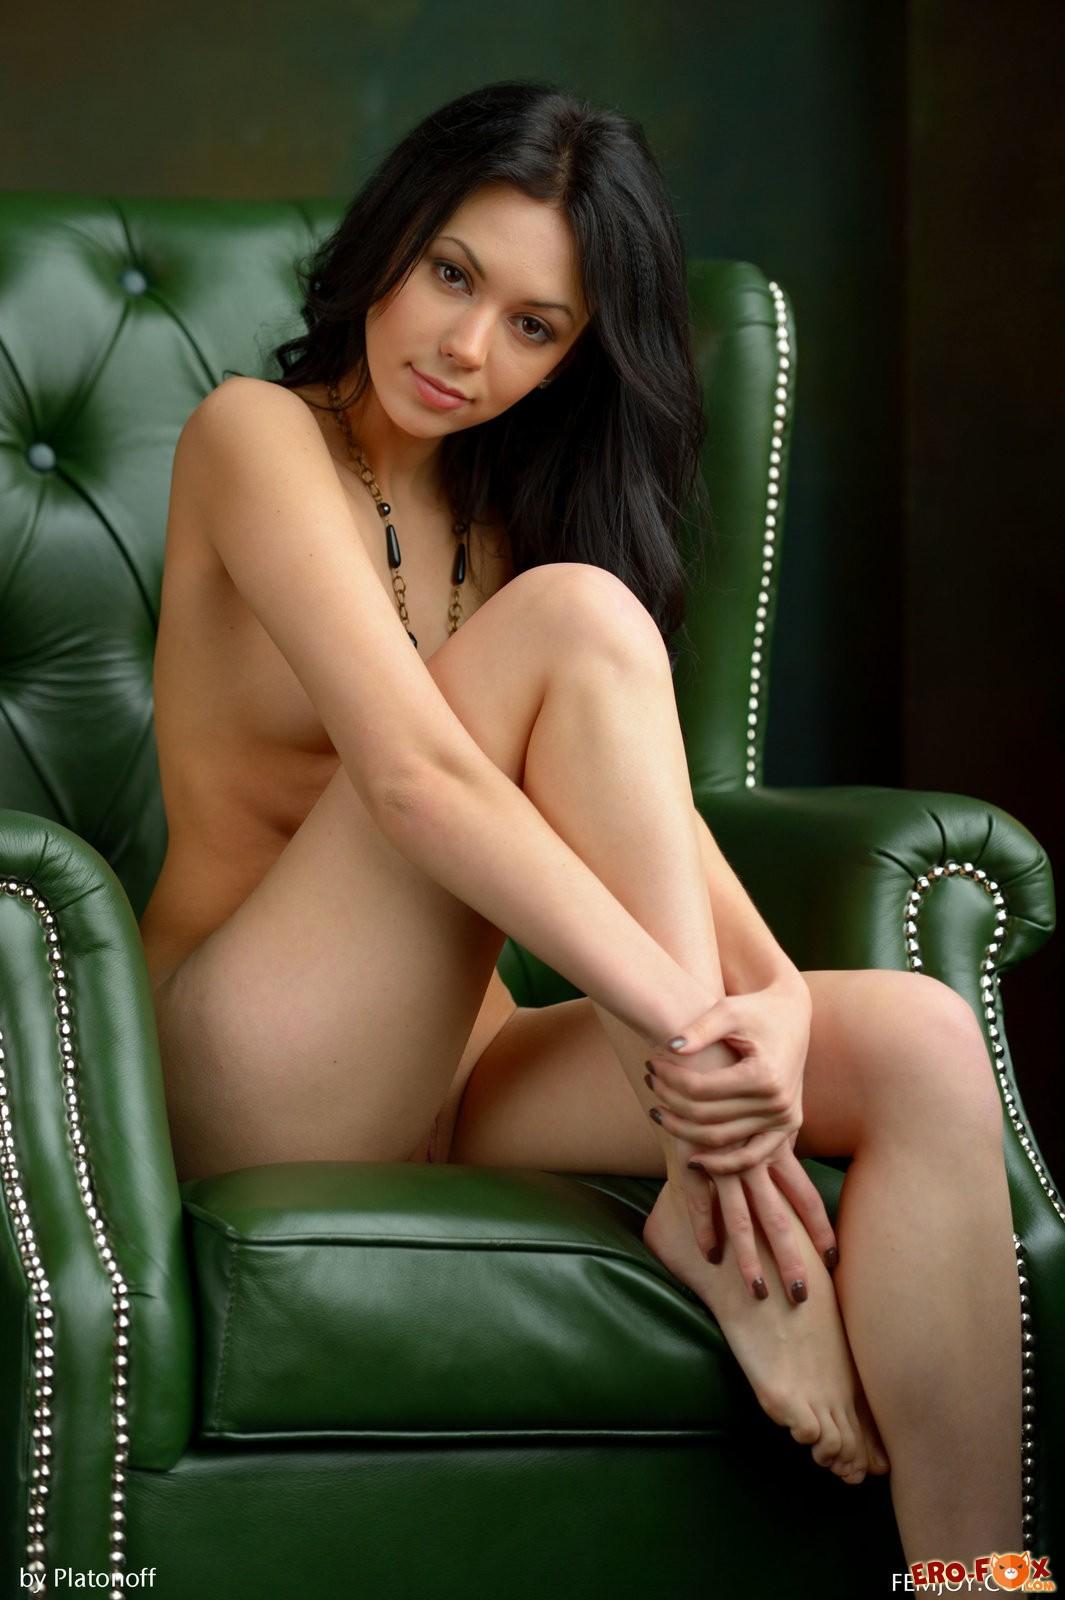 Апскирт фото  подсмотренное под юбкой без трусов